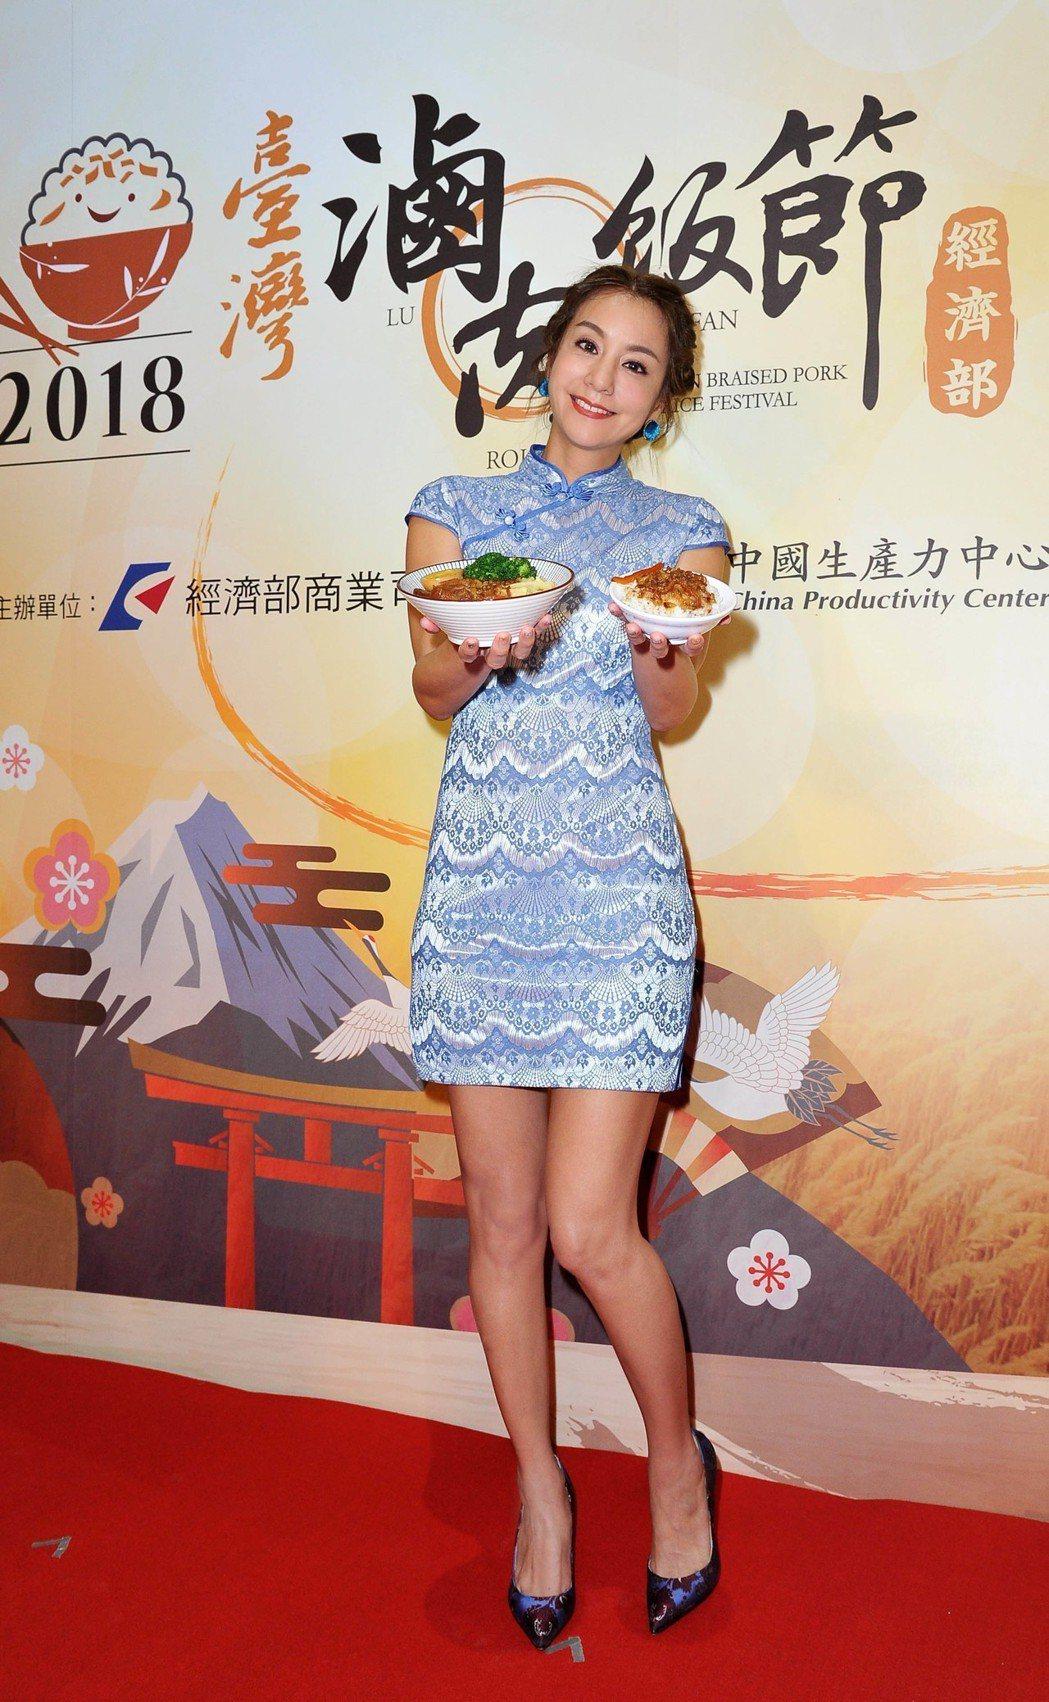 莎莎今出席「經濟部2018臺灣滷肉飯節」系列活動記者會。圖/台視提供